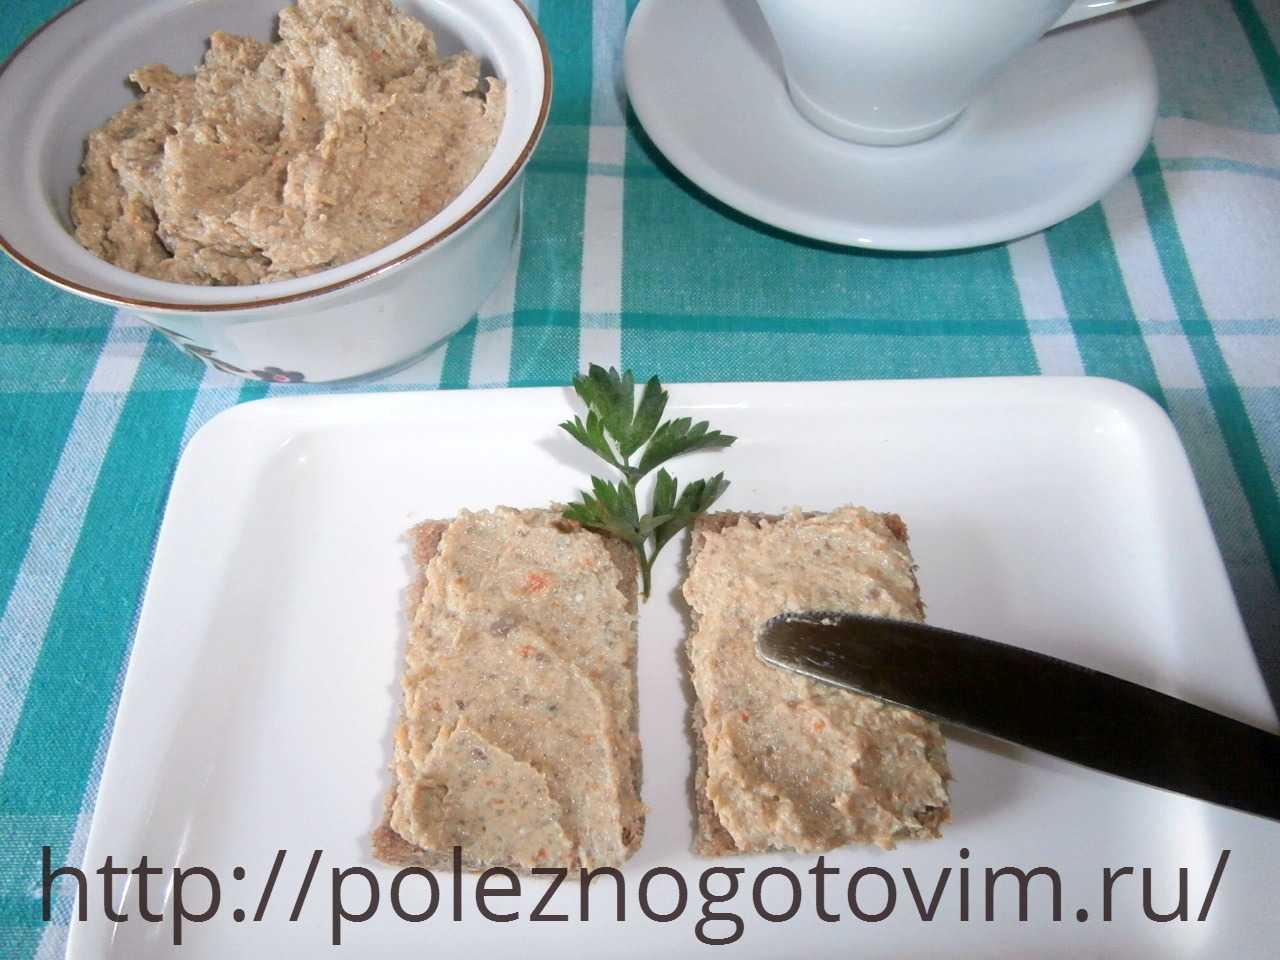 Как приготовить грибной паштет из шампиньонов по пошаговому рецепту с фото